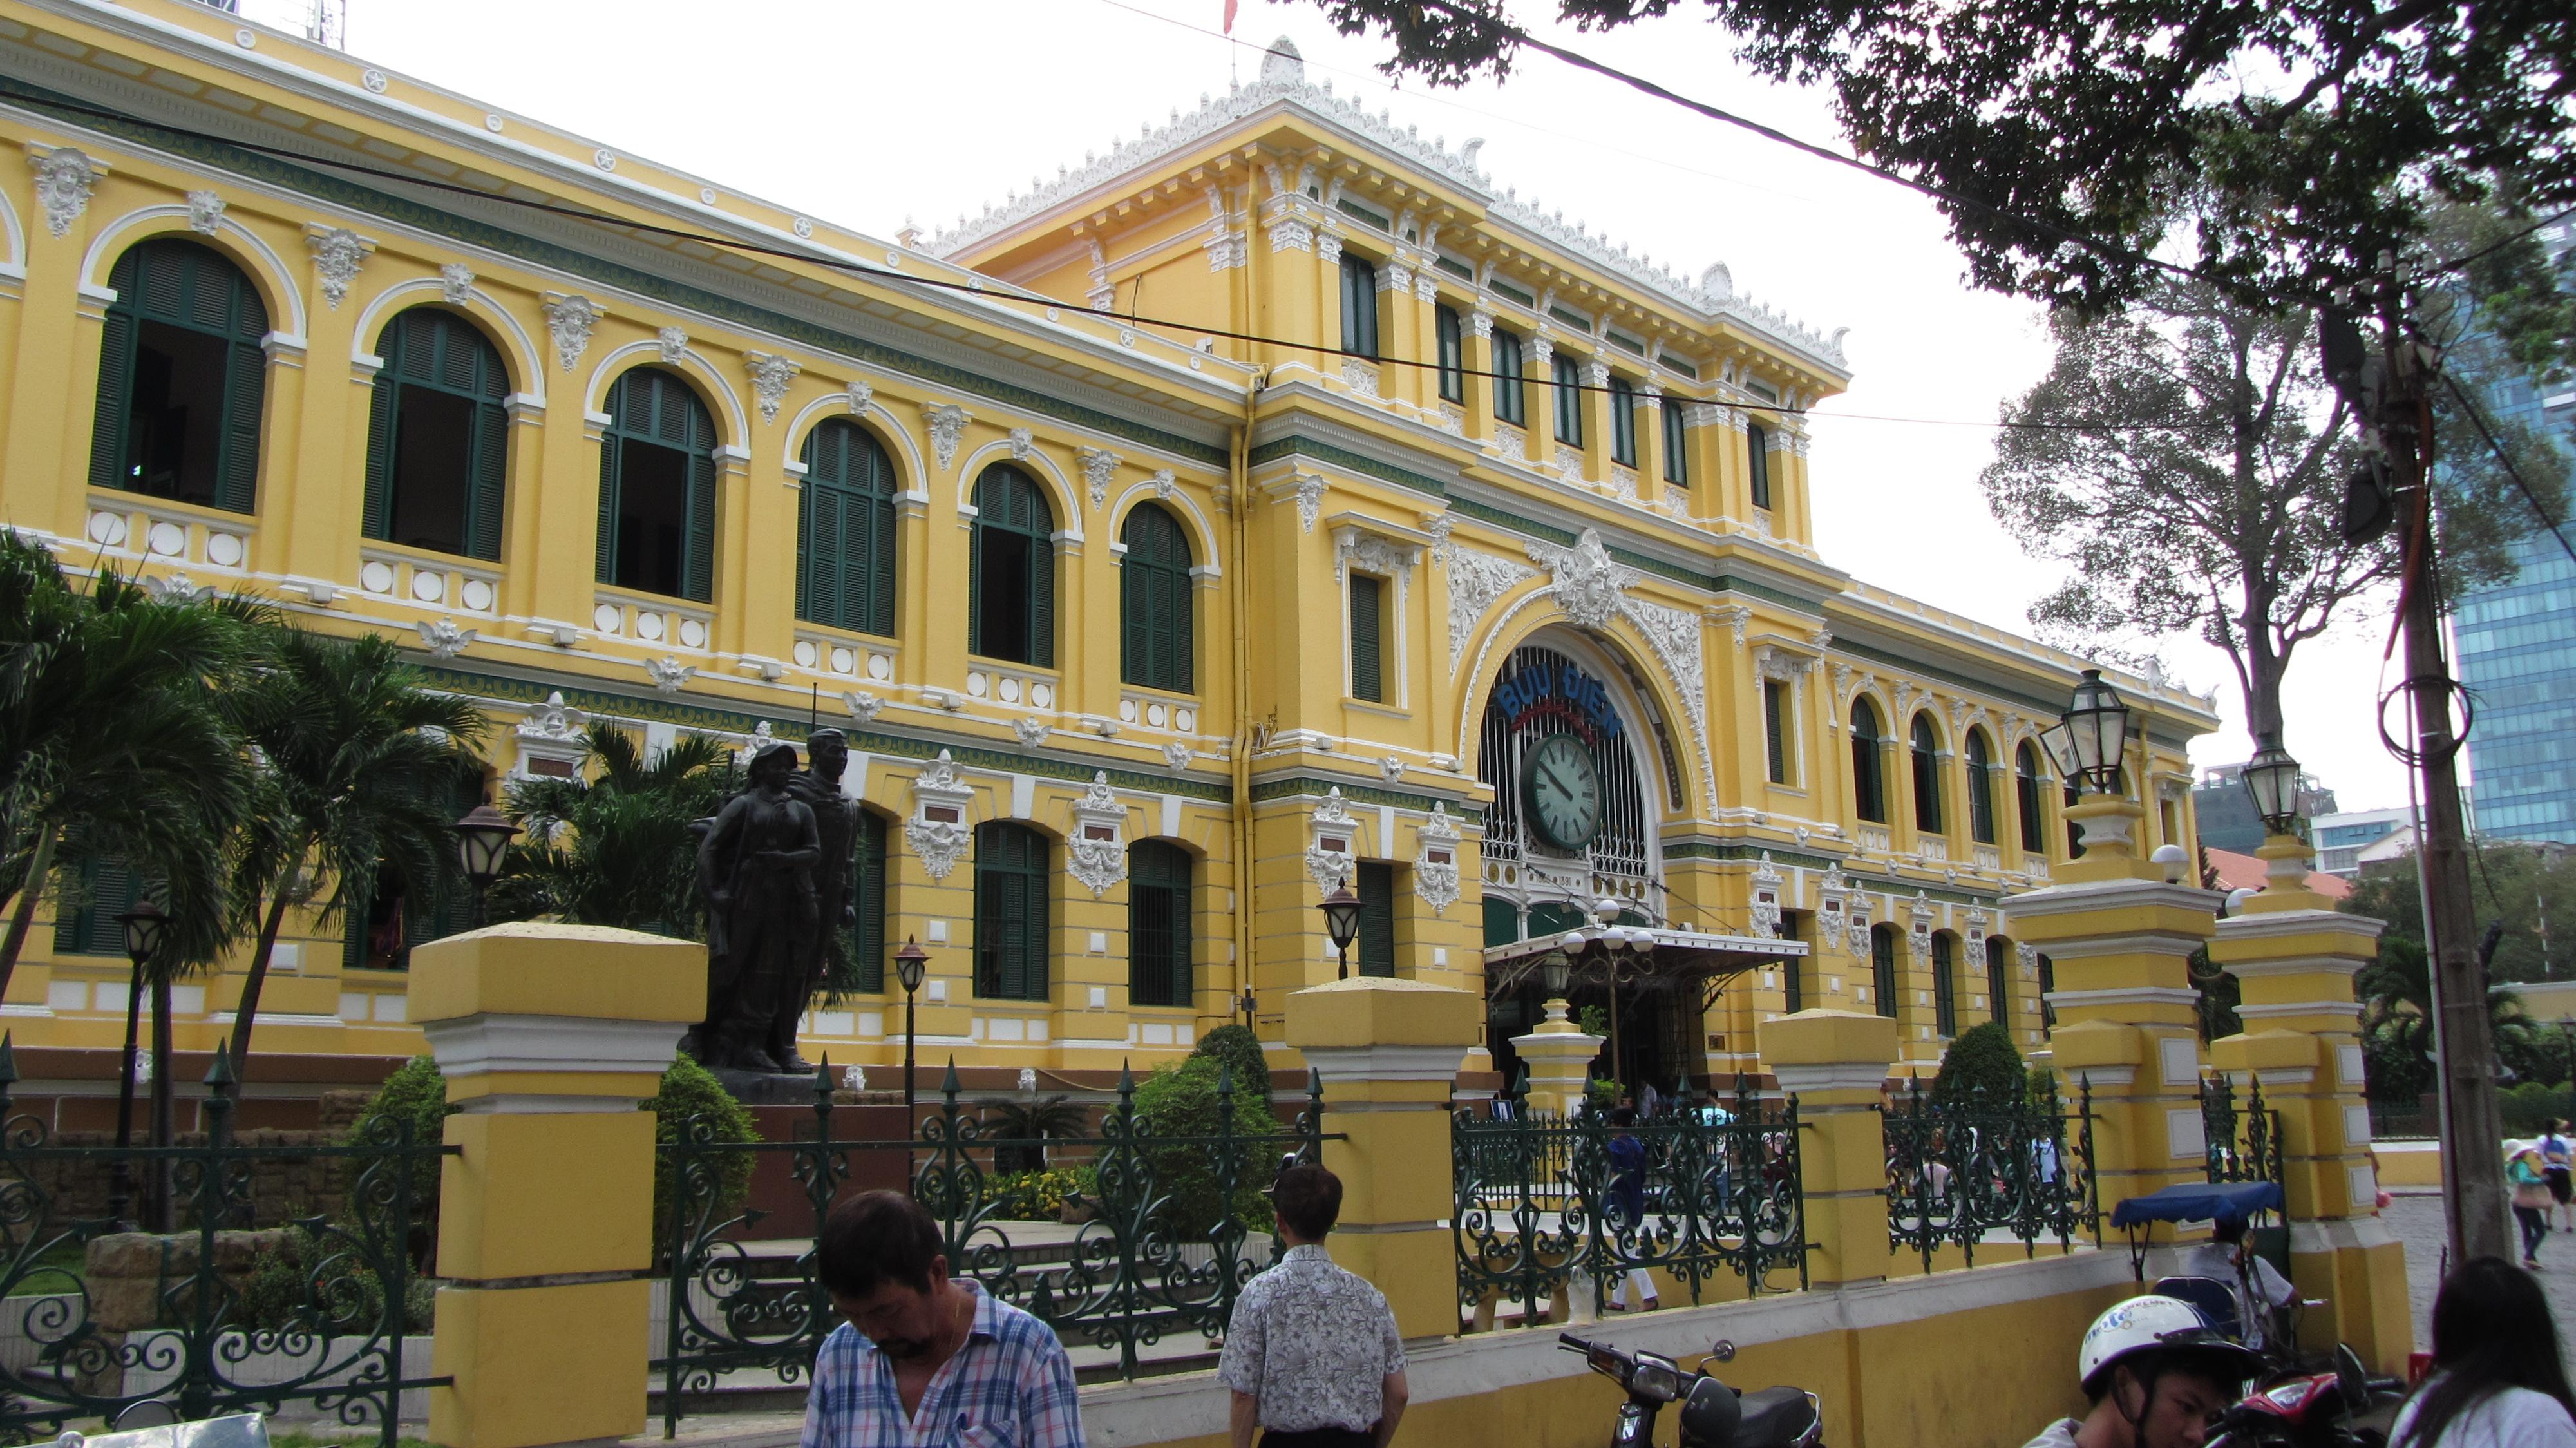 Ufficio postale centrale esterno Seigon vietnam